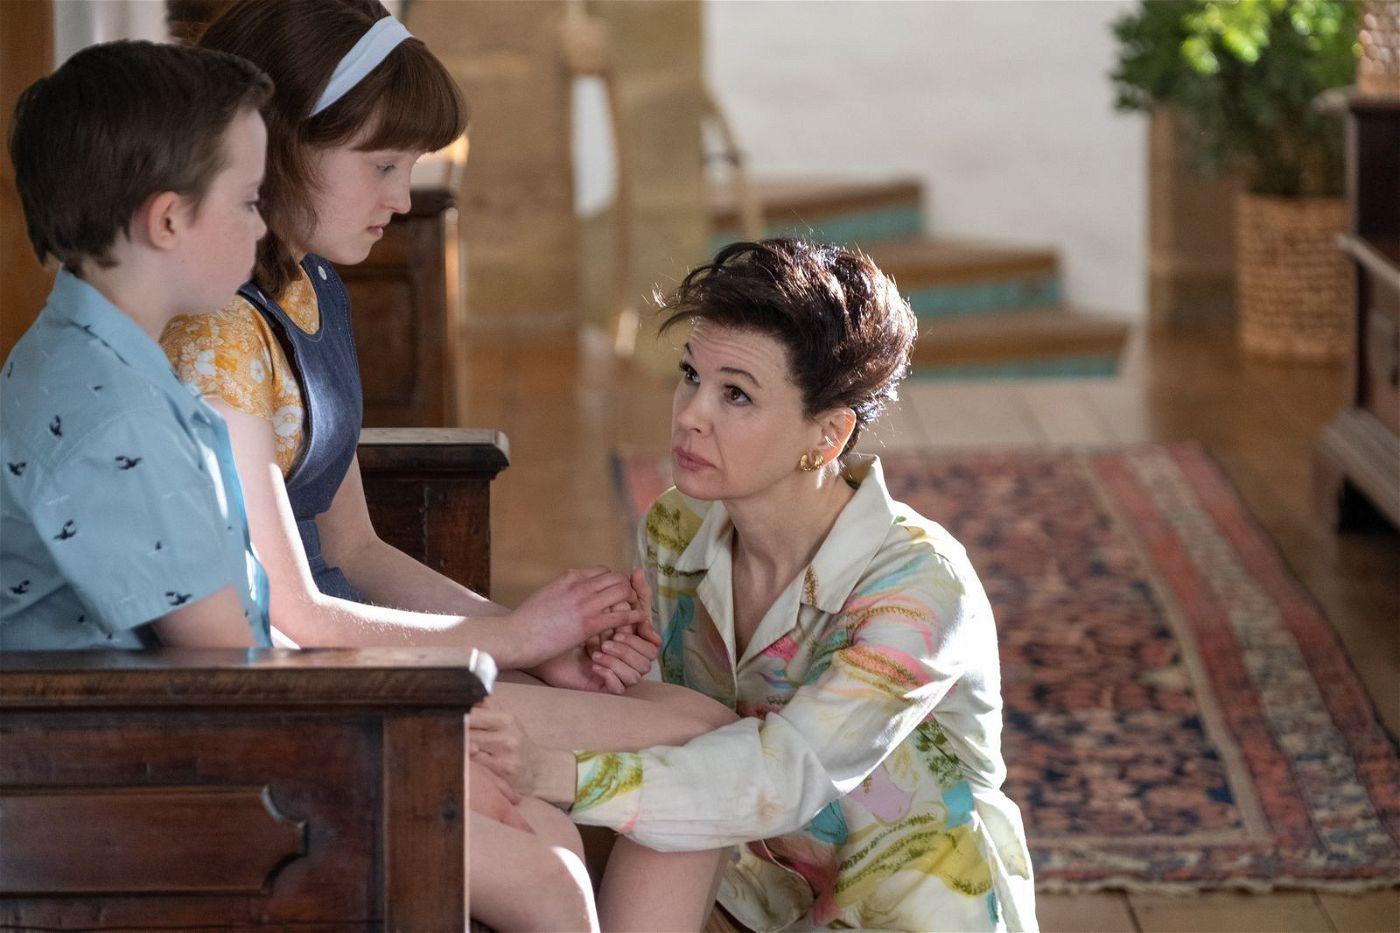 Der Abschied tut weh: Judy Garland (Renée Zellweger) muss ihre Kinder Joey (Lewin Lloyd) und Lorna (Bella Ramsey) zurücklassen, damit sie genug Geld verdient, um mit ihnen zusammen sein zu können.